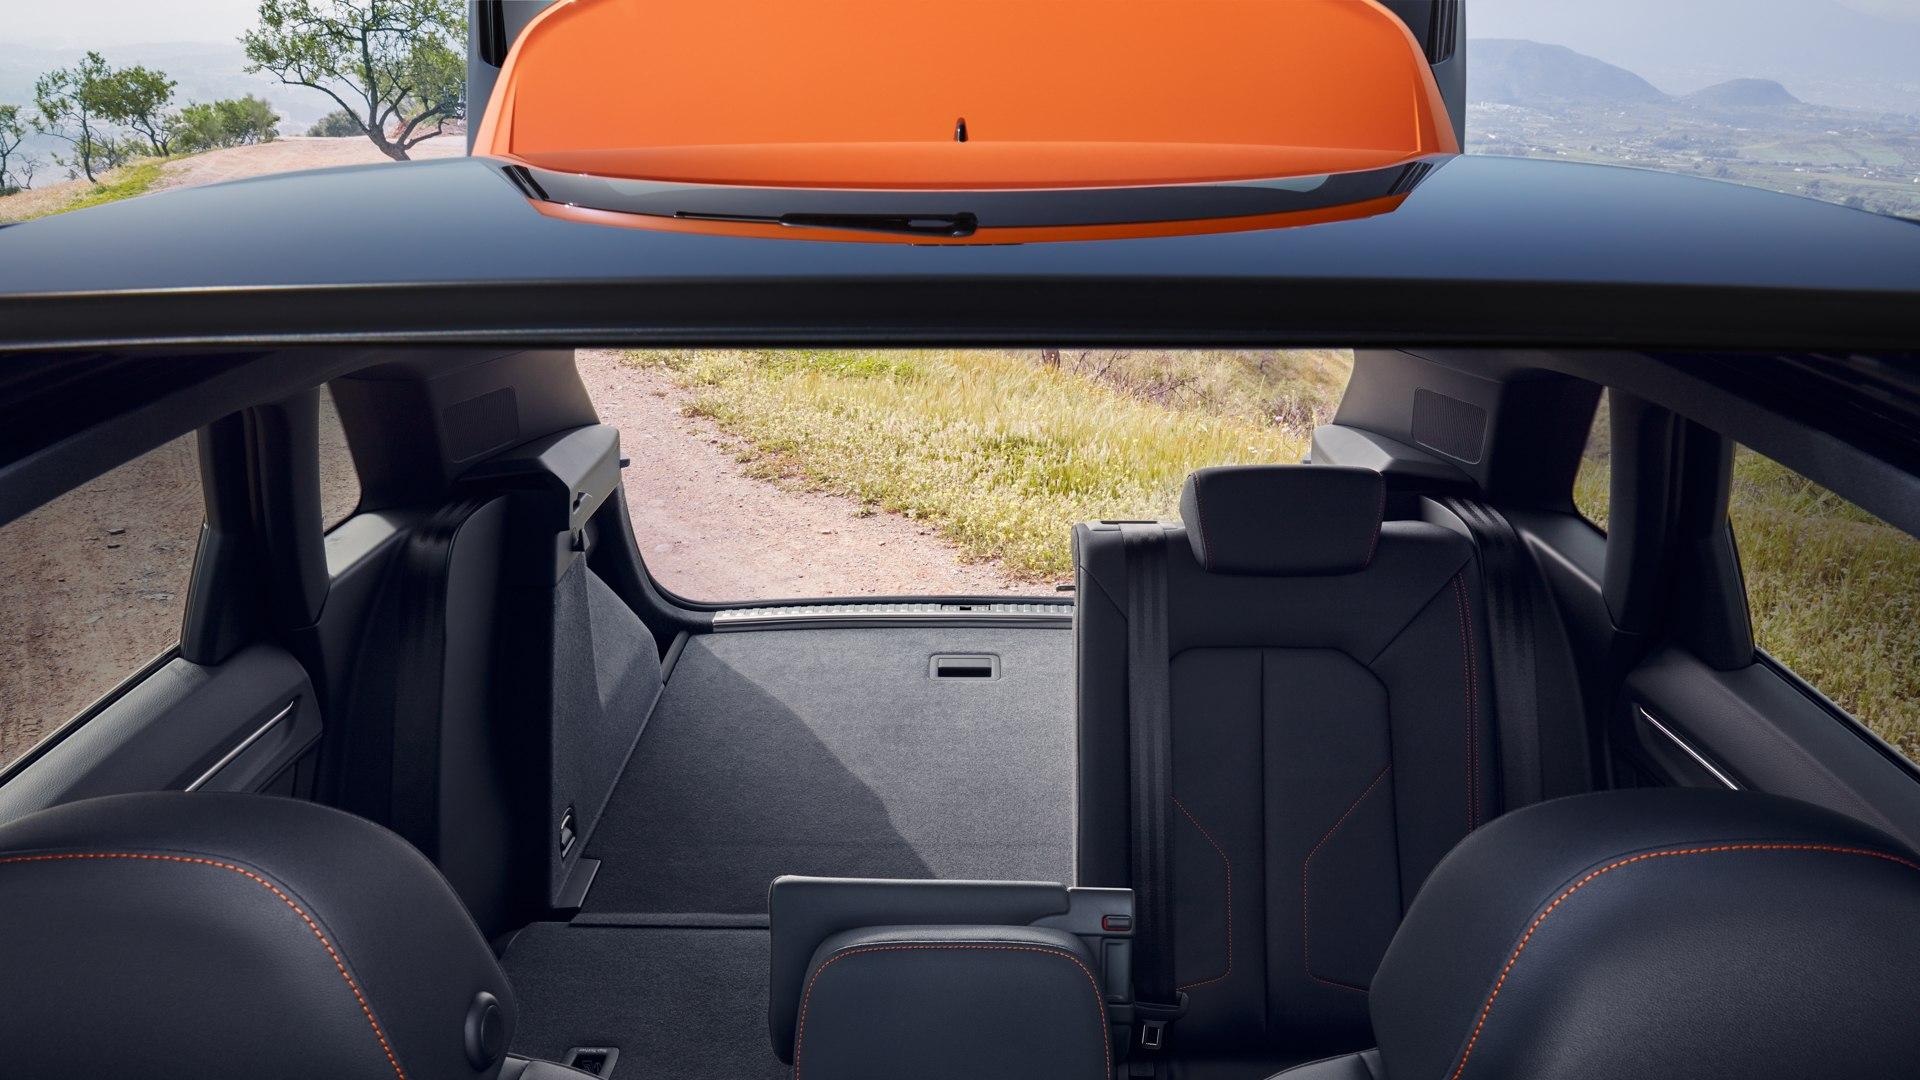 Audi Q3 laadruimte